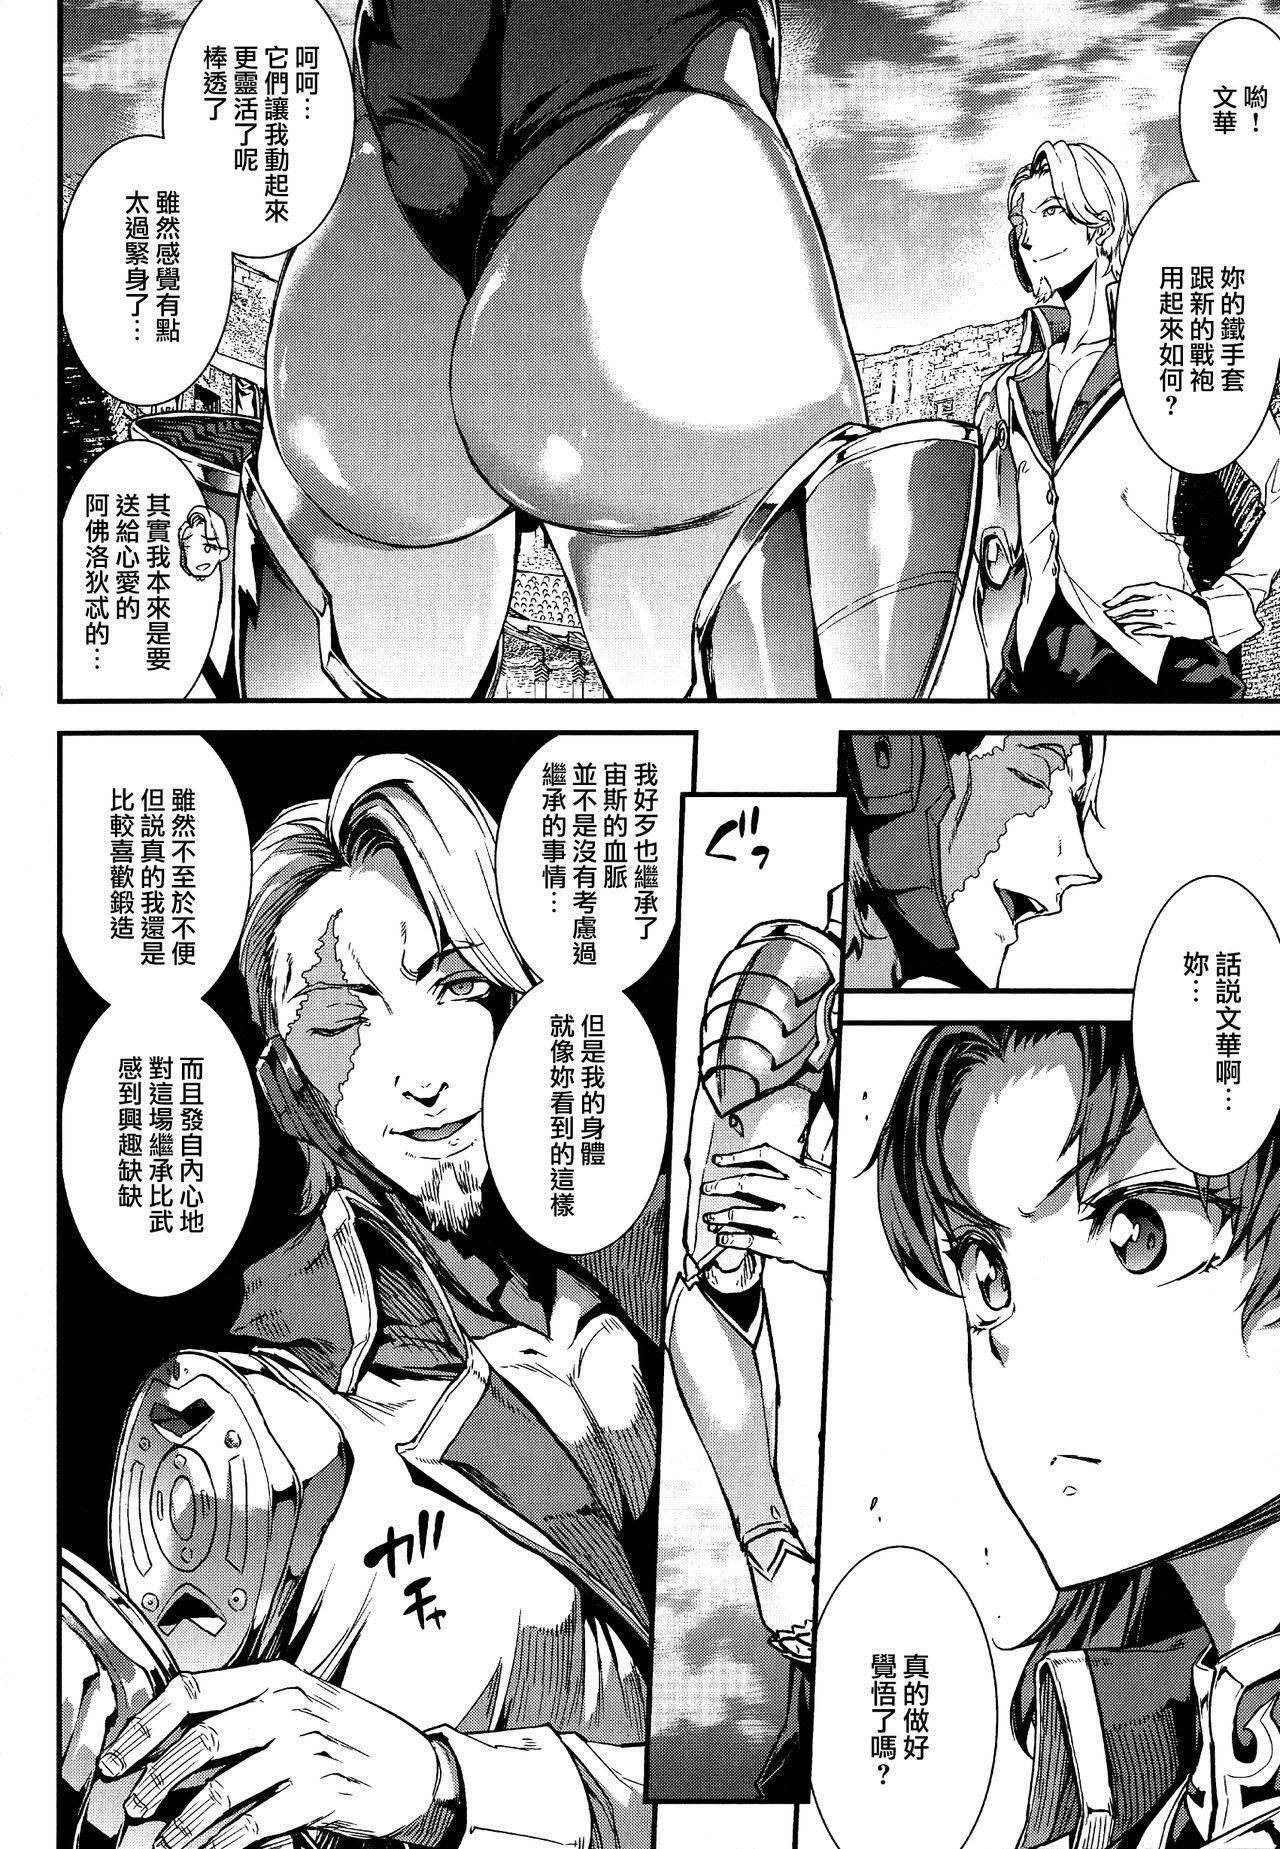 Raikou Shinki Igis Magia 112